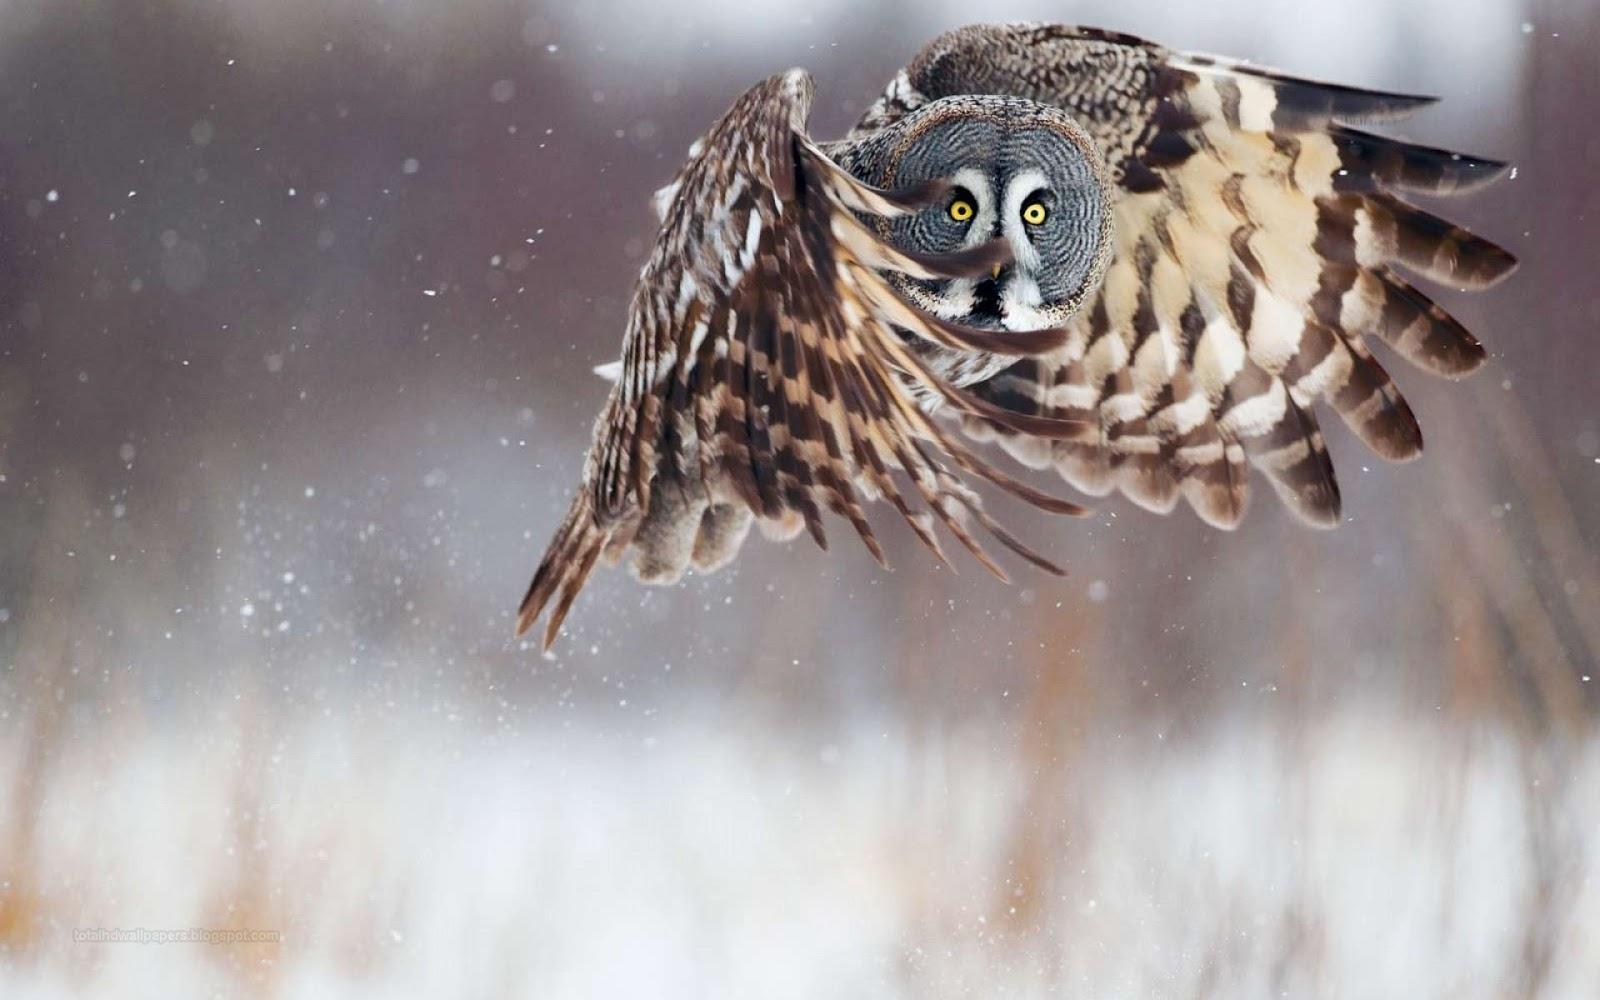 Winter Owls Wallpaper